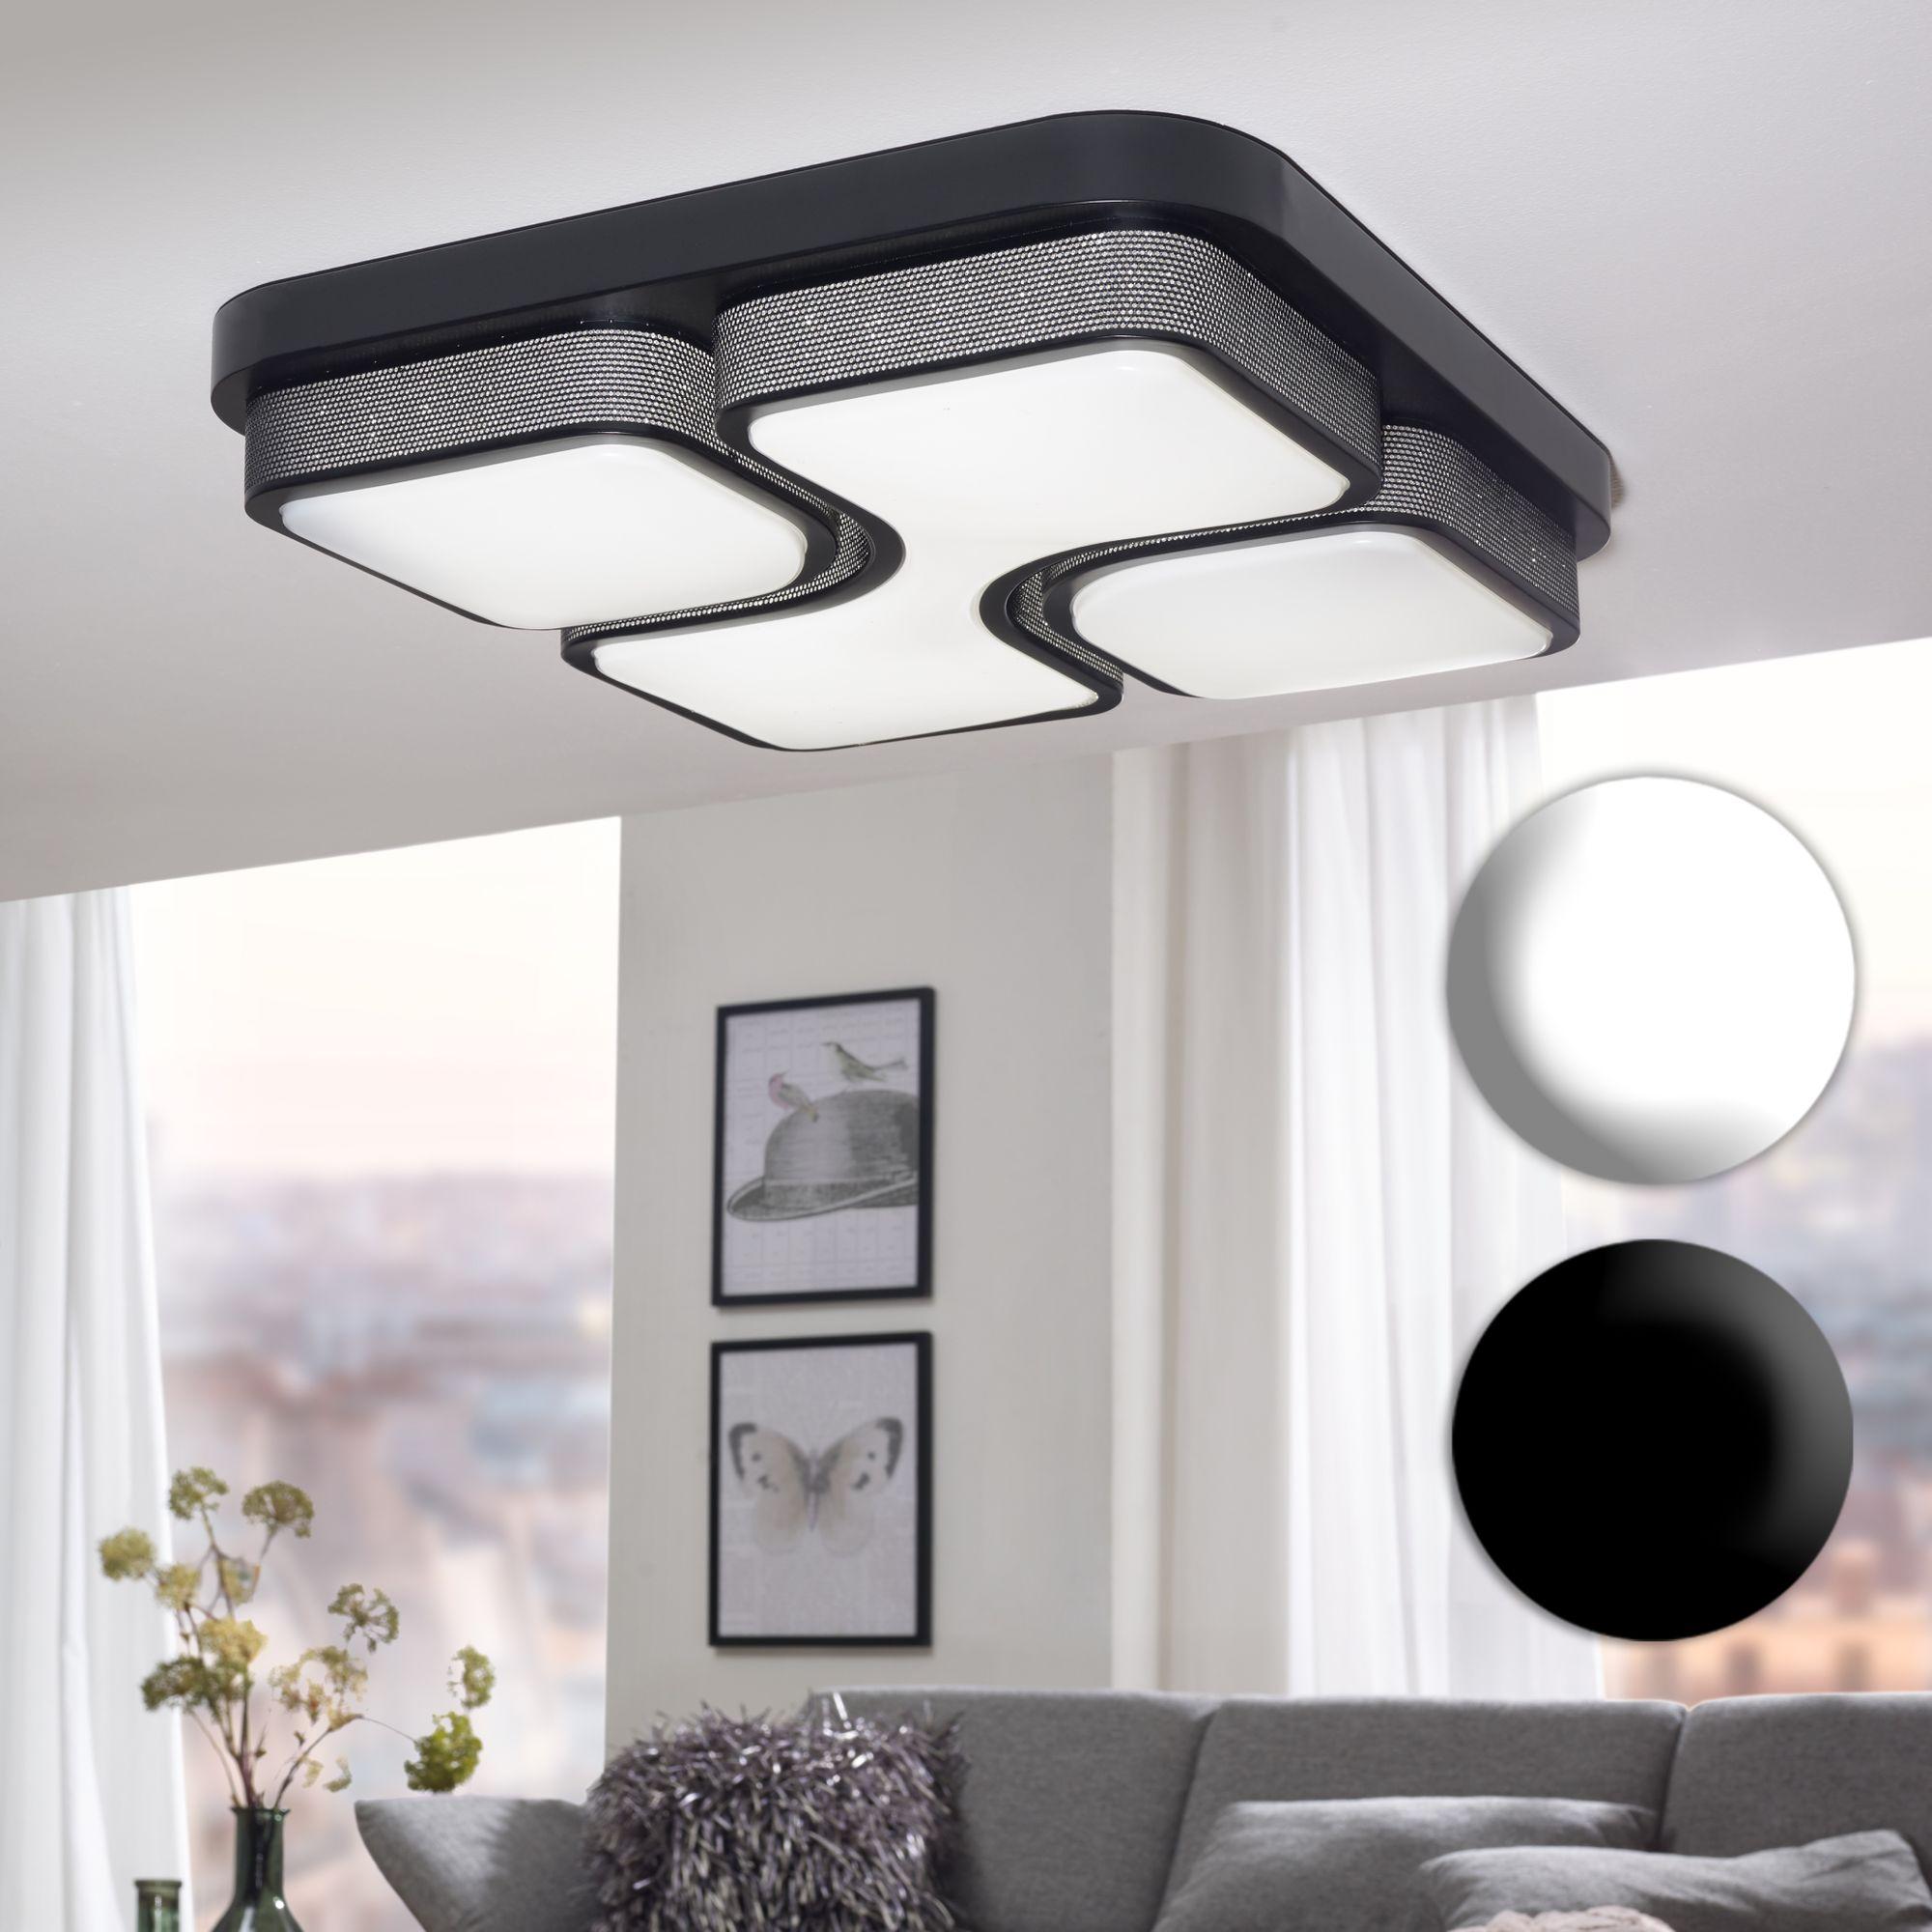 Full Size of Wohnzimmer Deckenlampe Led Ikea Deckenleuchte Mit Fernbedienung Deckenlampen Modern Deckenleuchten Dimmbar Holz Teppich Lampen Deko Vorhänge Lampe Wohnwand Wohnzimmer Wohnzimmer Deckenlampe